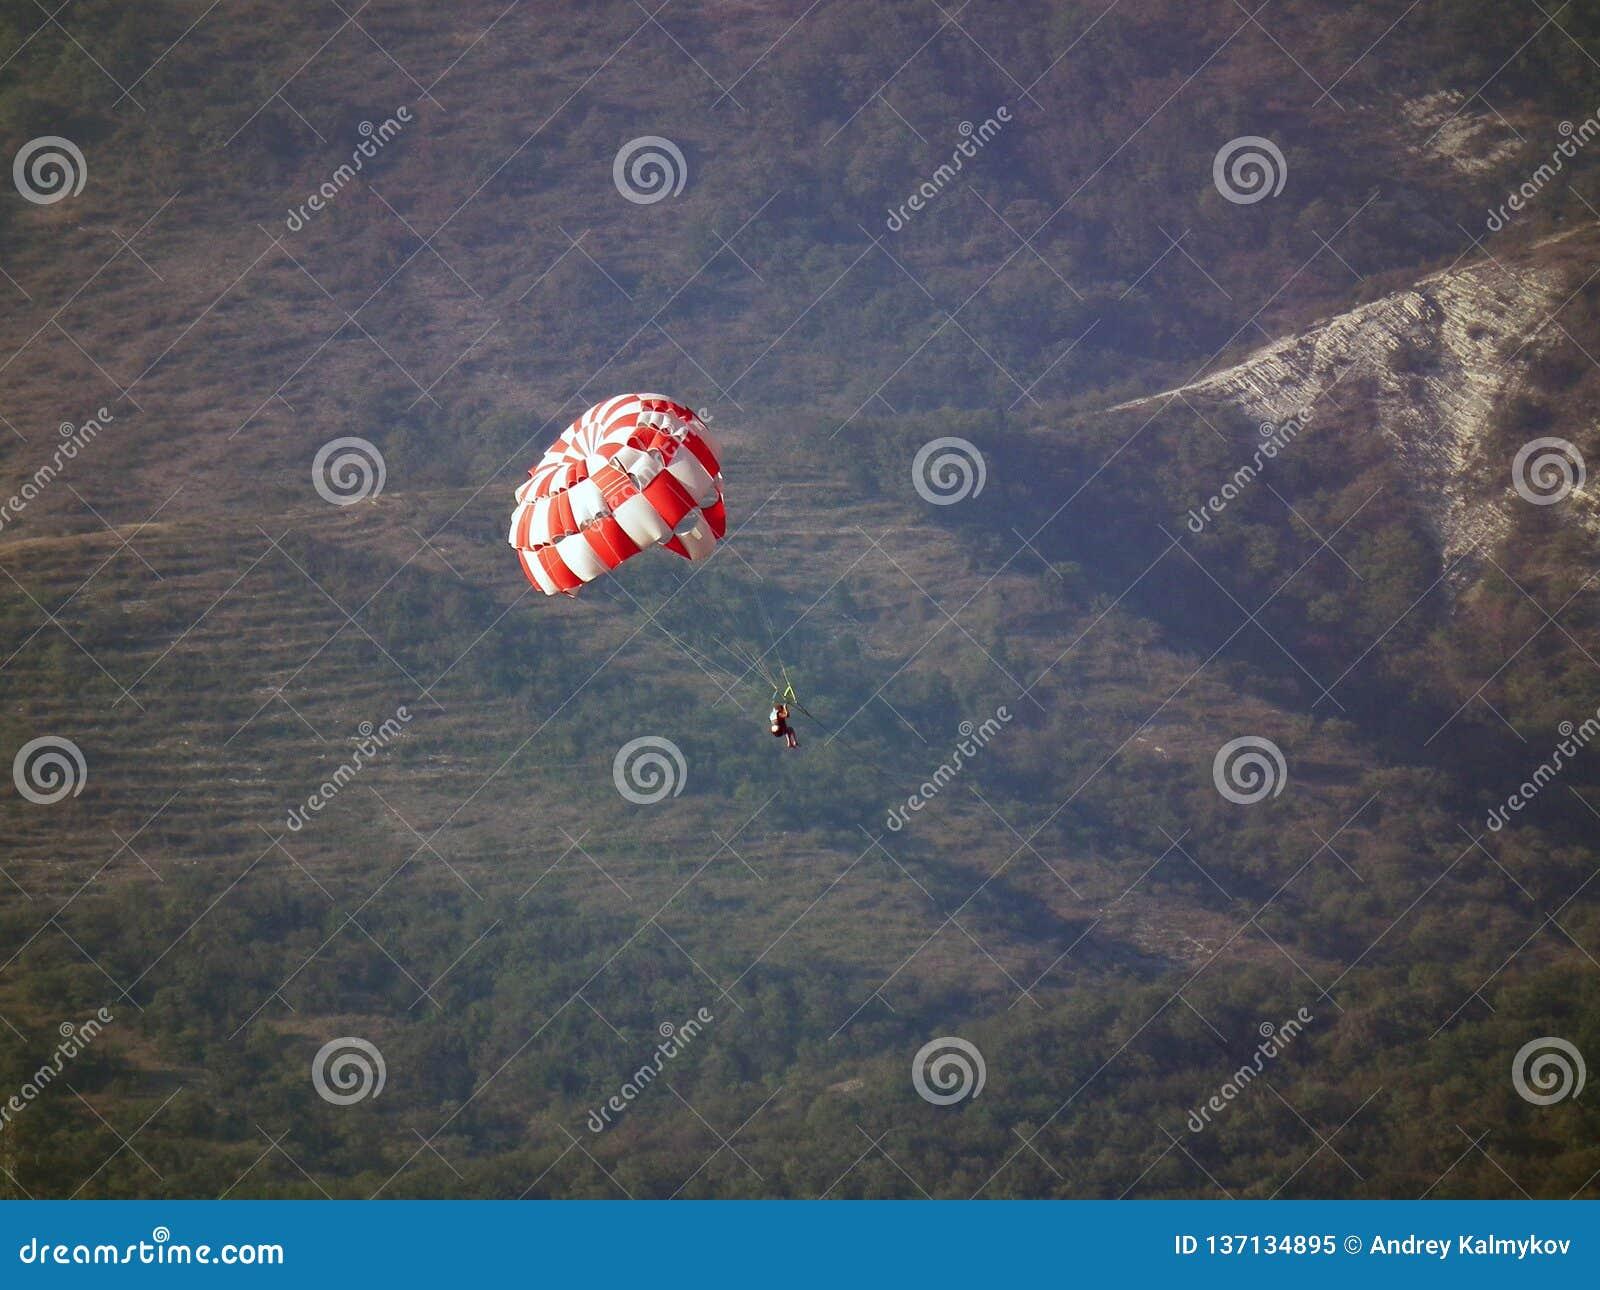 Fallskärmshopparen på ett rött och vit hoppa fallskärm stiger ned mot bakgrunden av skogberg